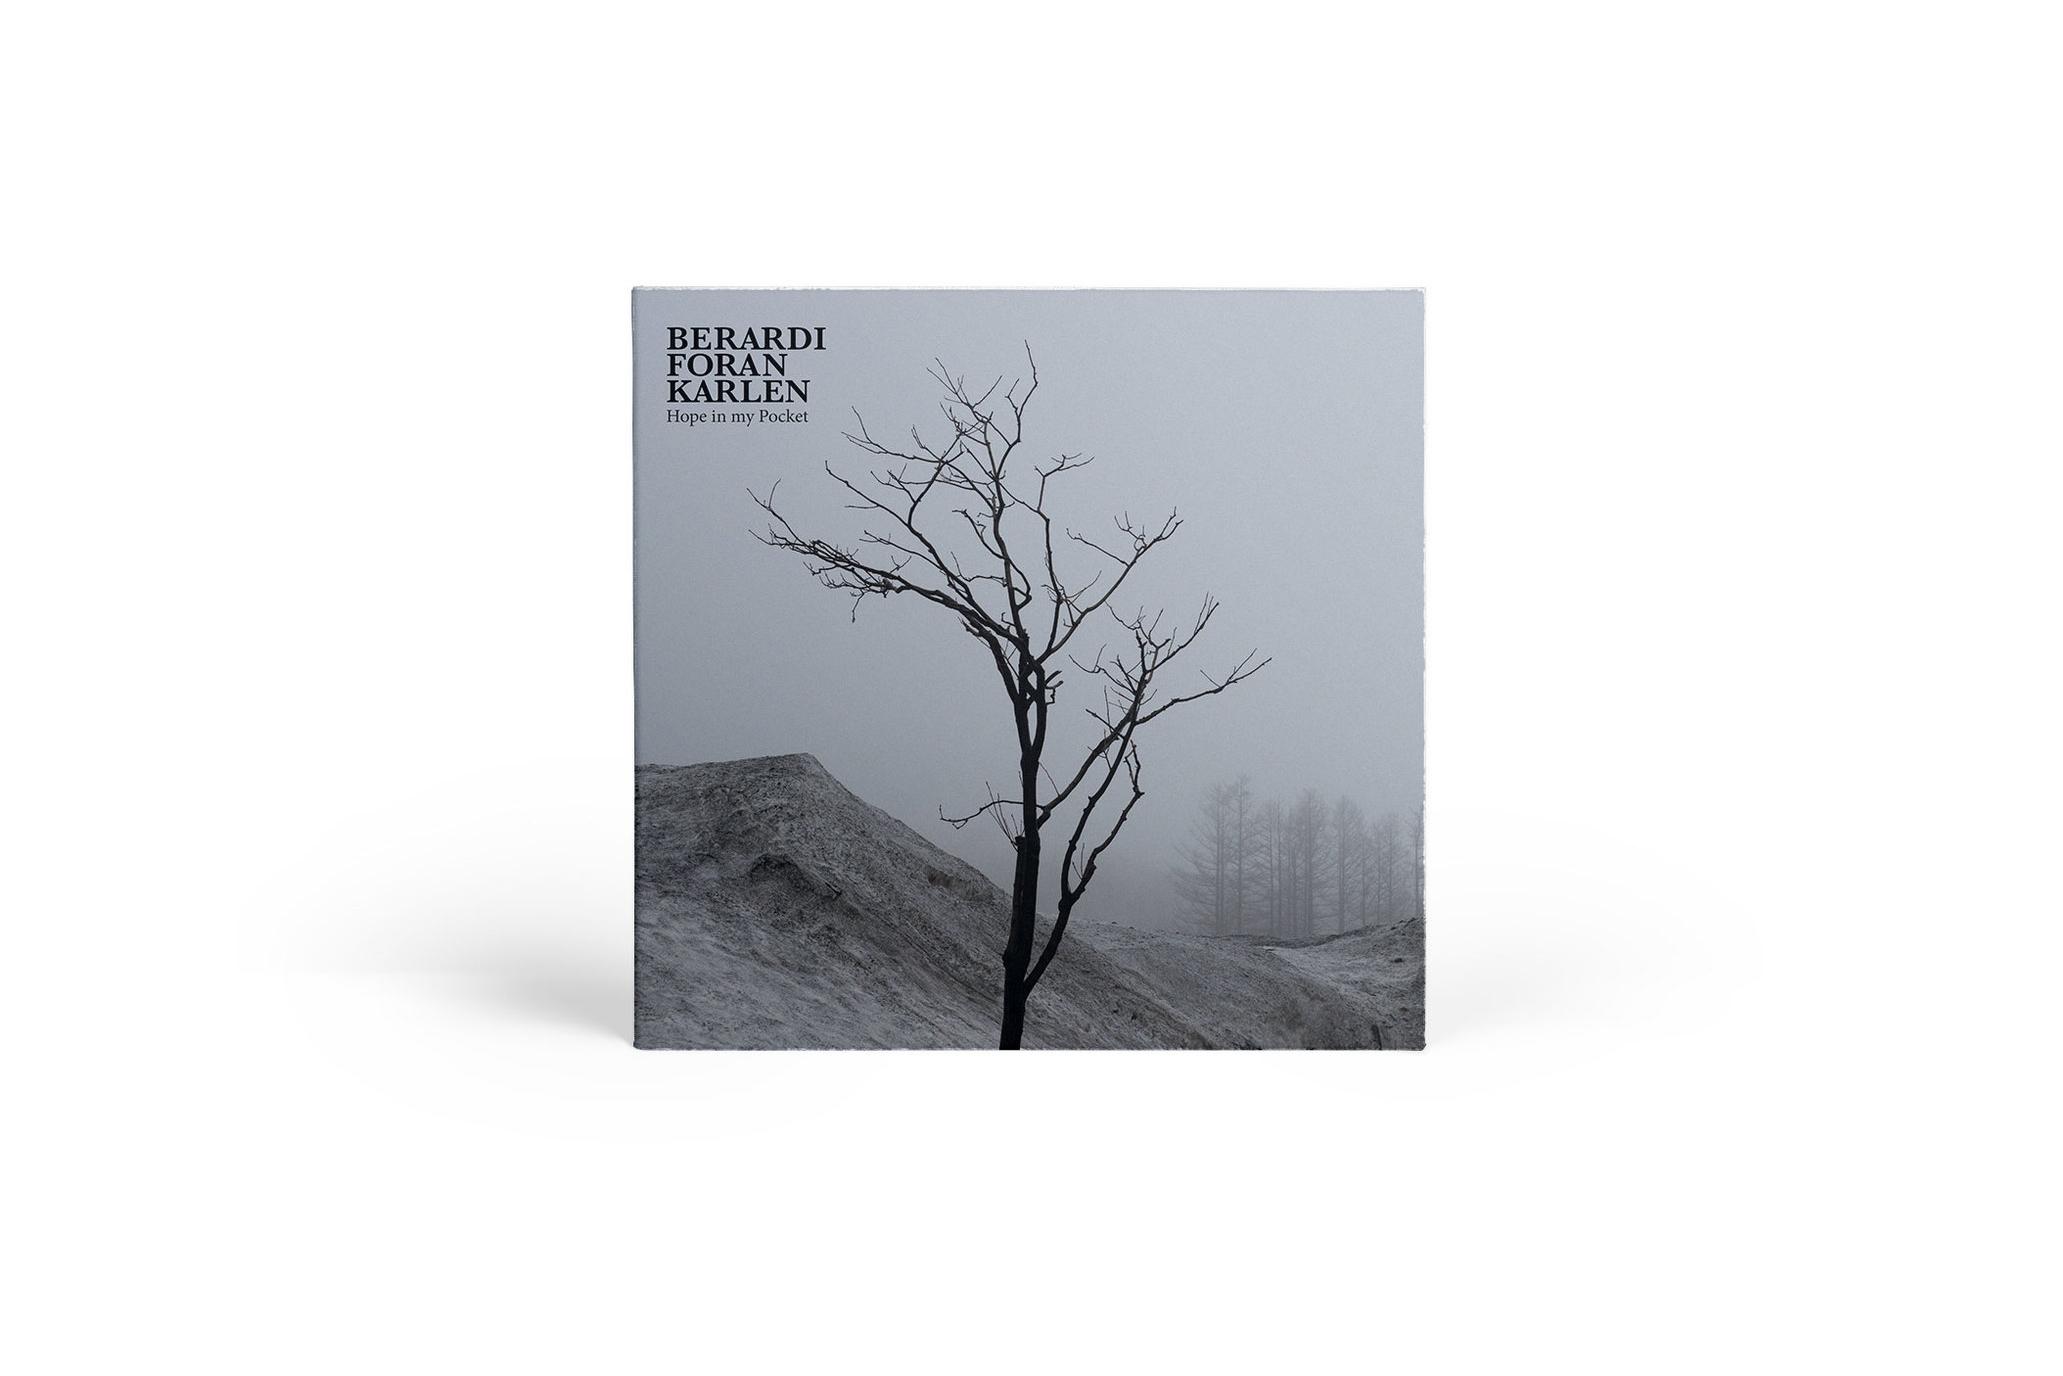 BFK-Album-Cover-Final-Isolated.jpg